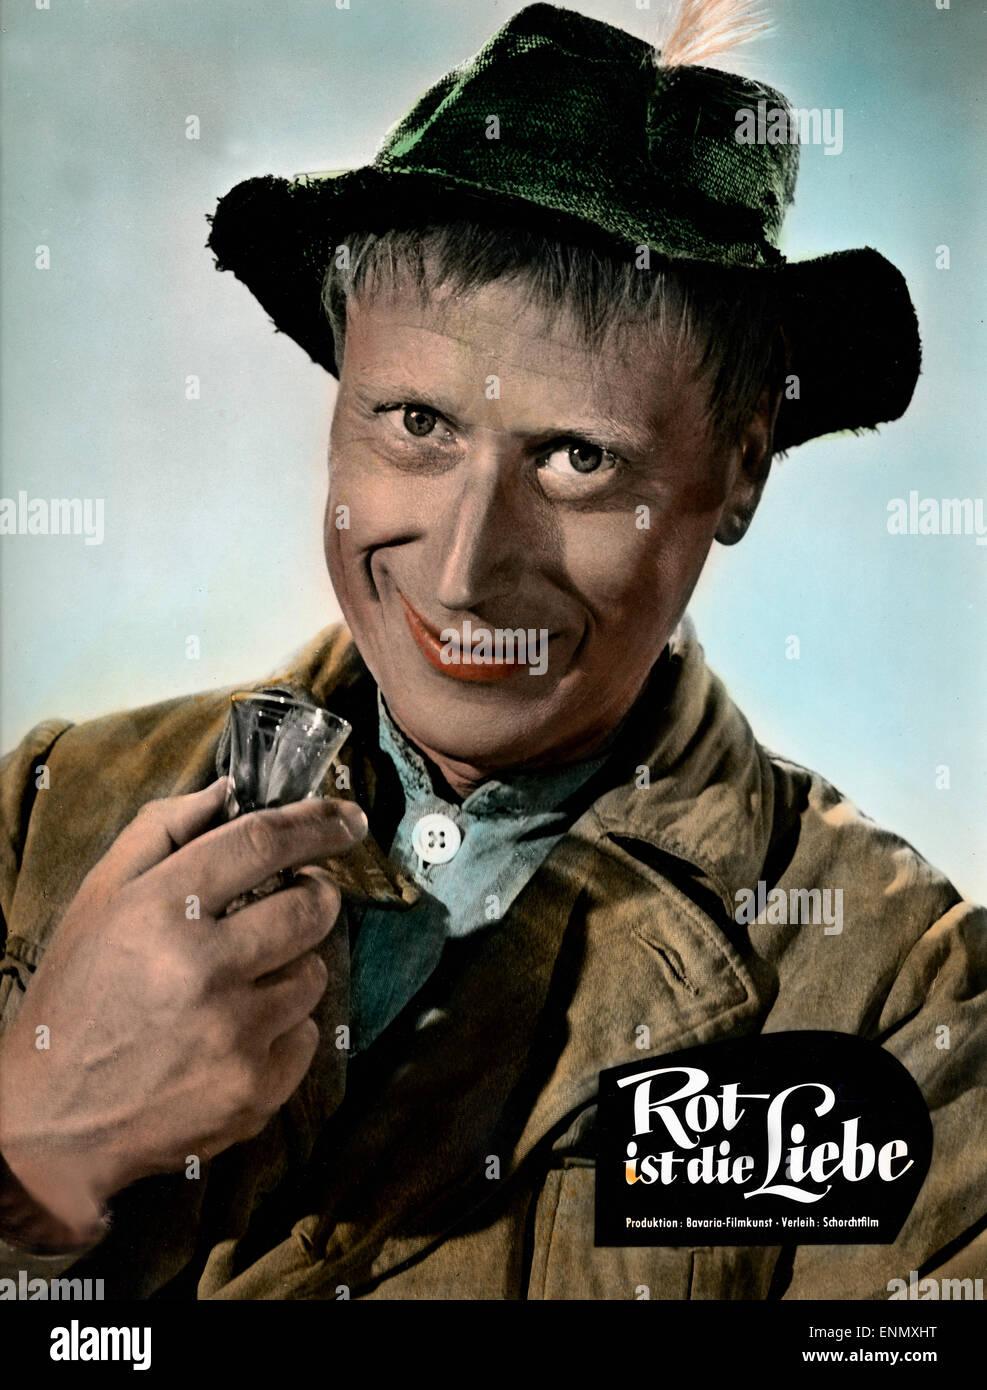 Rot ist die Liebe, Deutschland 1957, Regie: Karl Hartl, Darsteller: Günther Lüders - Stock Image